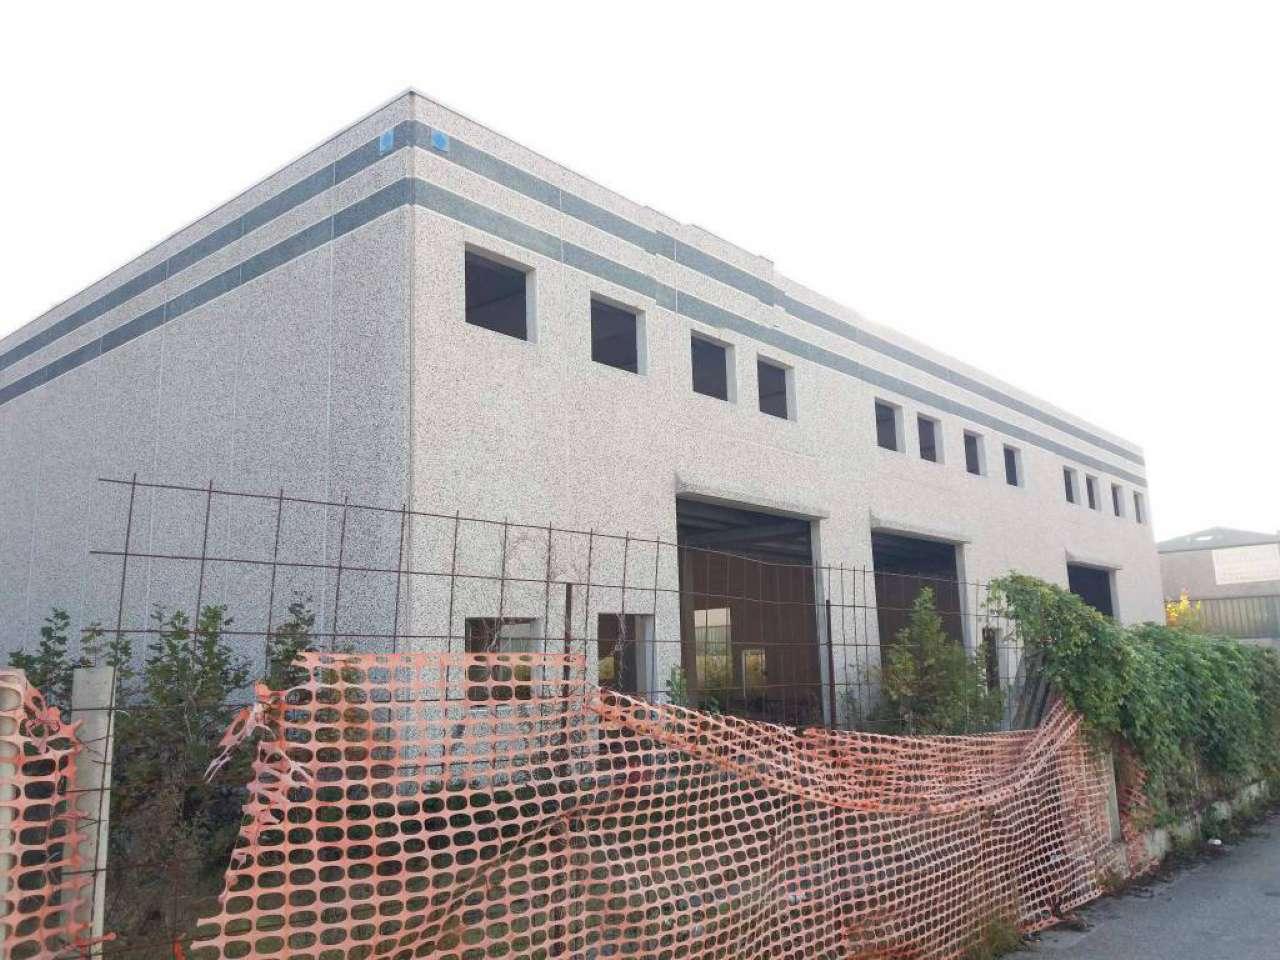 Capannone in vendita a Melzo, 1 locali, prezzo € 345.000 | PortaleAgenzieImmobiliari.it